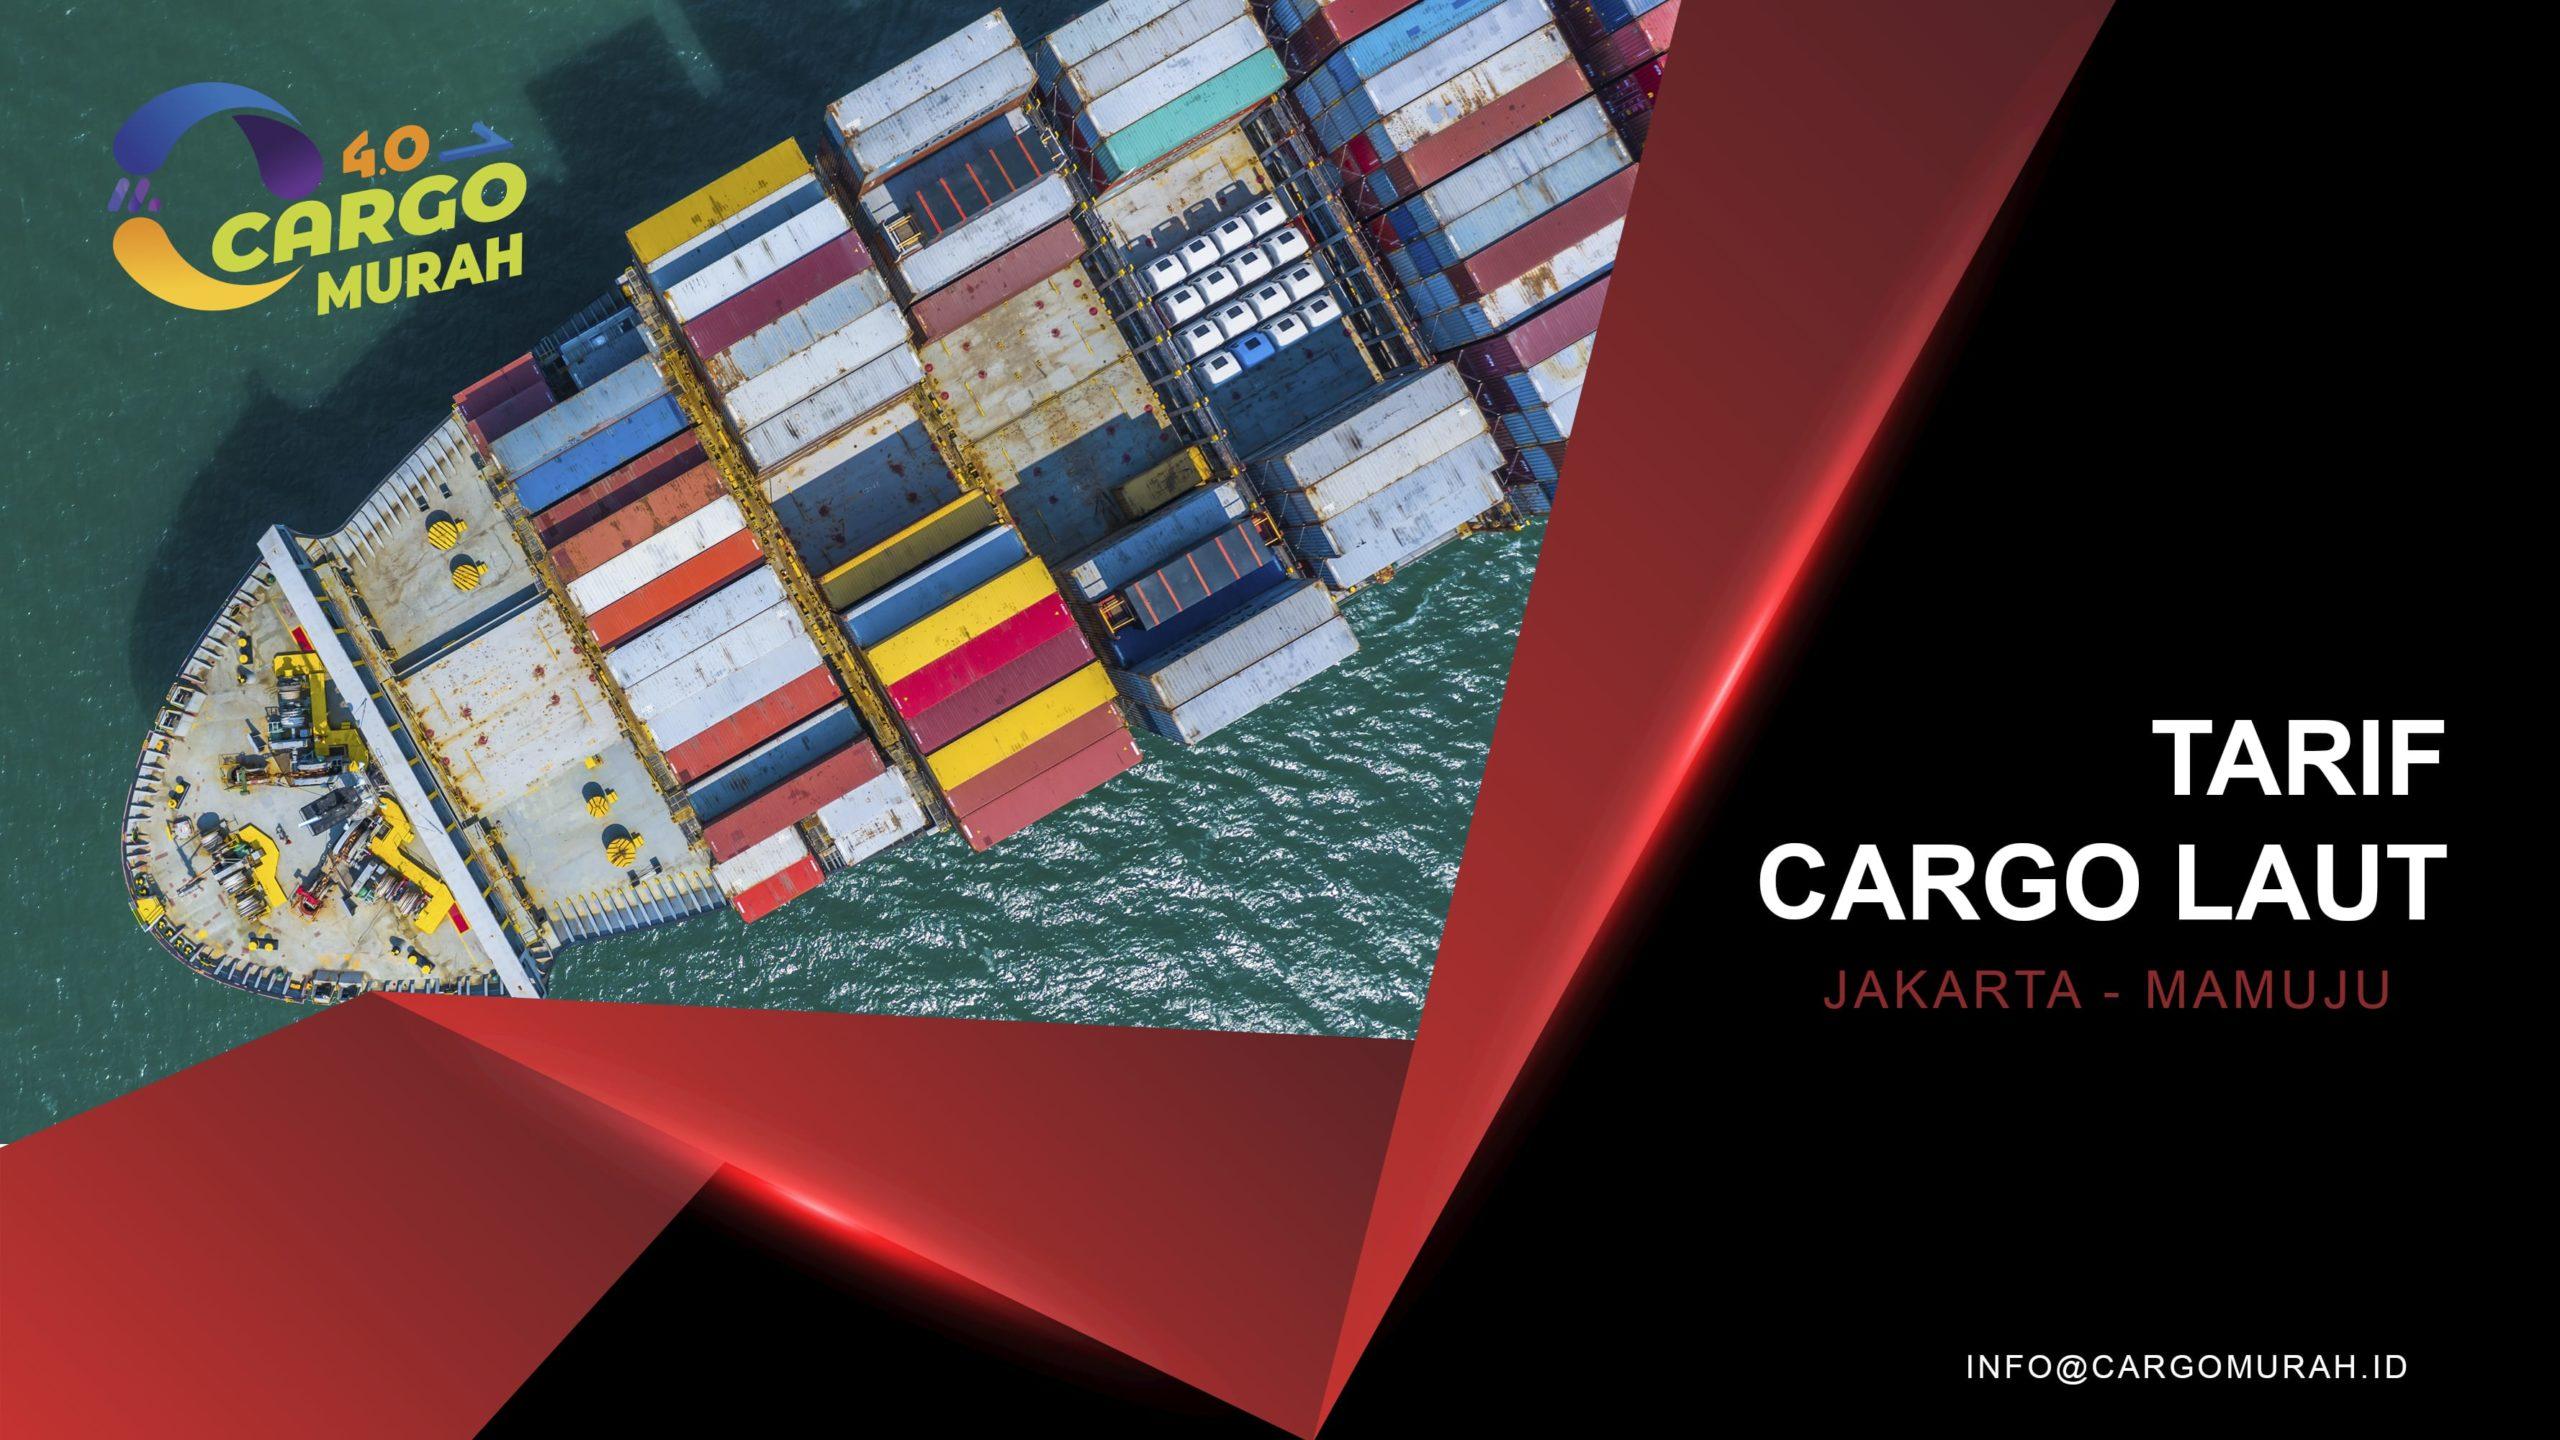 Cargo Jakarta Mamuju